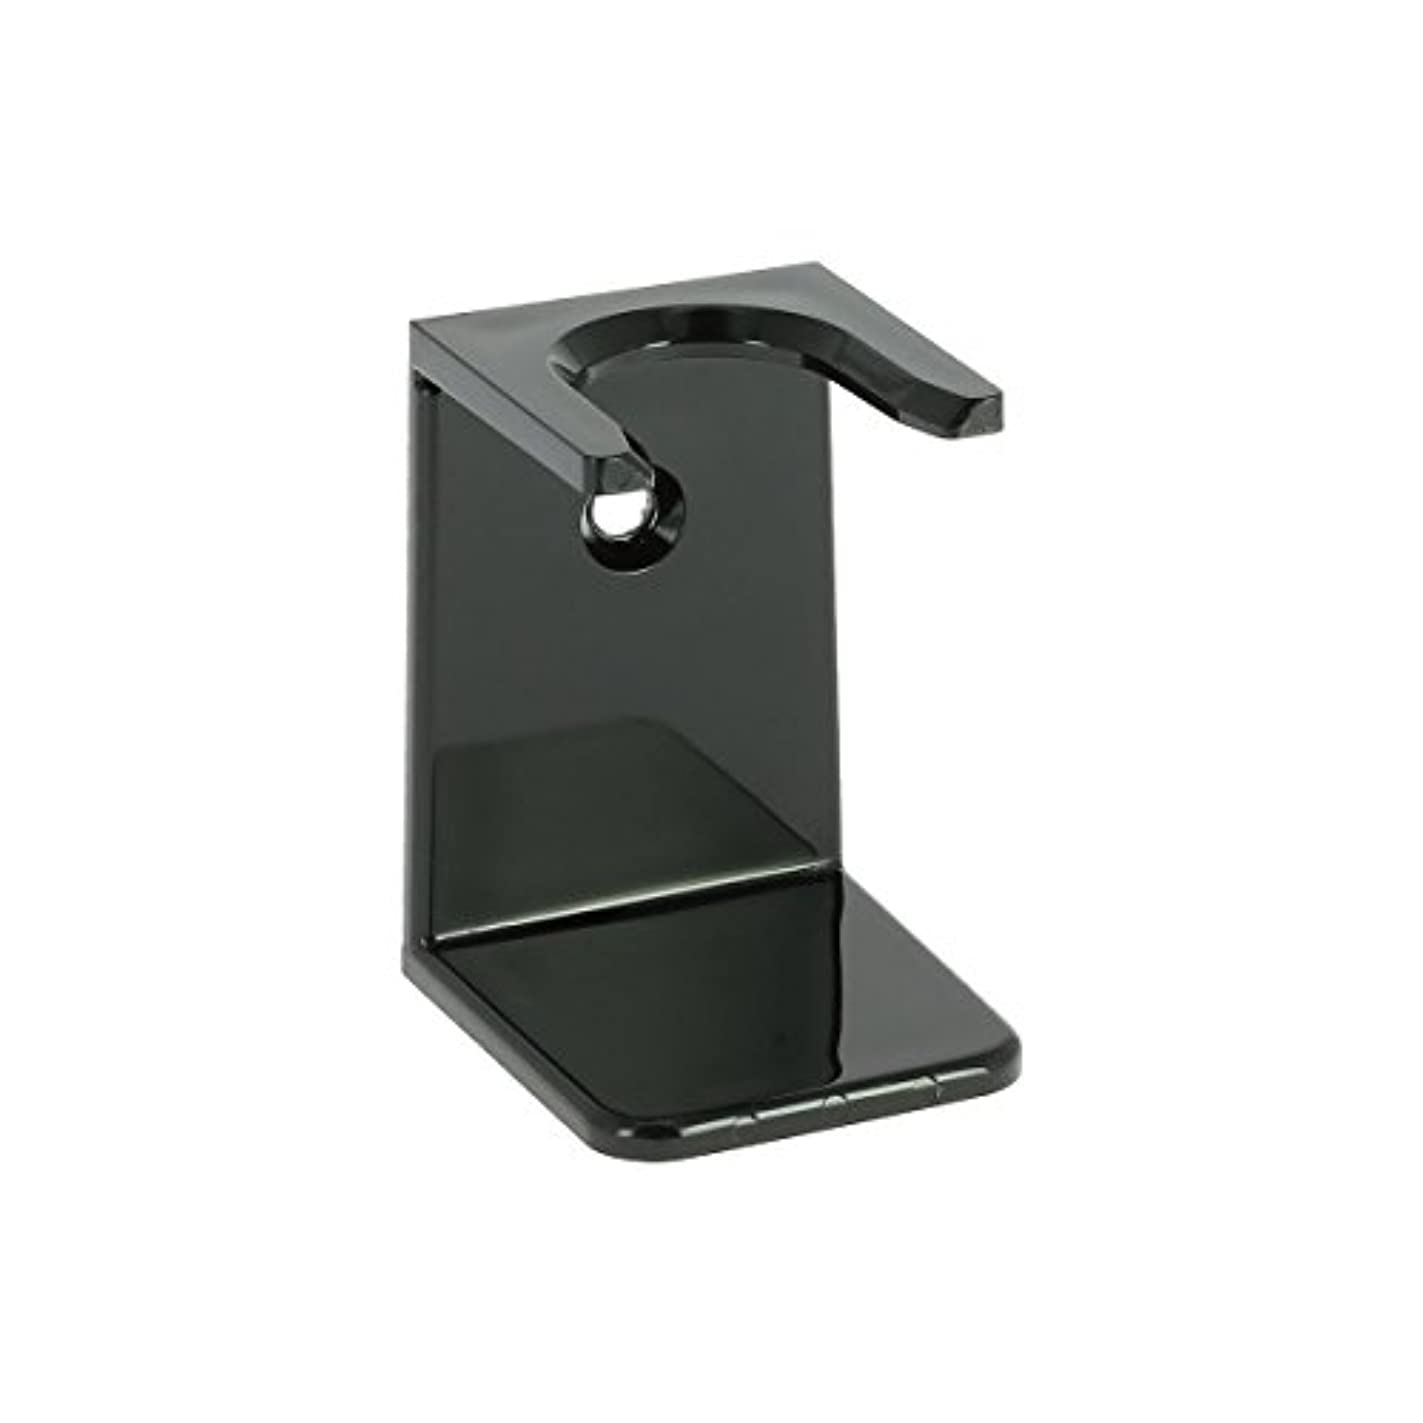 タッチ通り抜ける袋Vulfix ブラック ブラシ ドリップ スタンド[海外直送品] [並行輸入品]